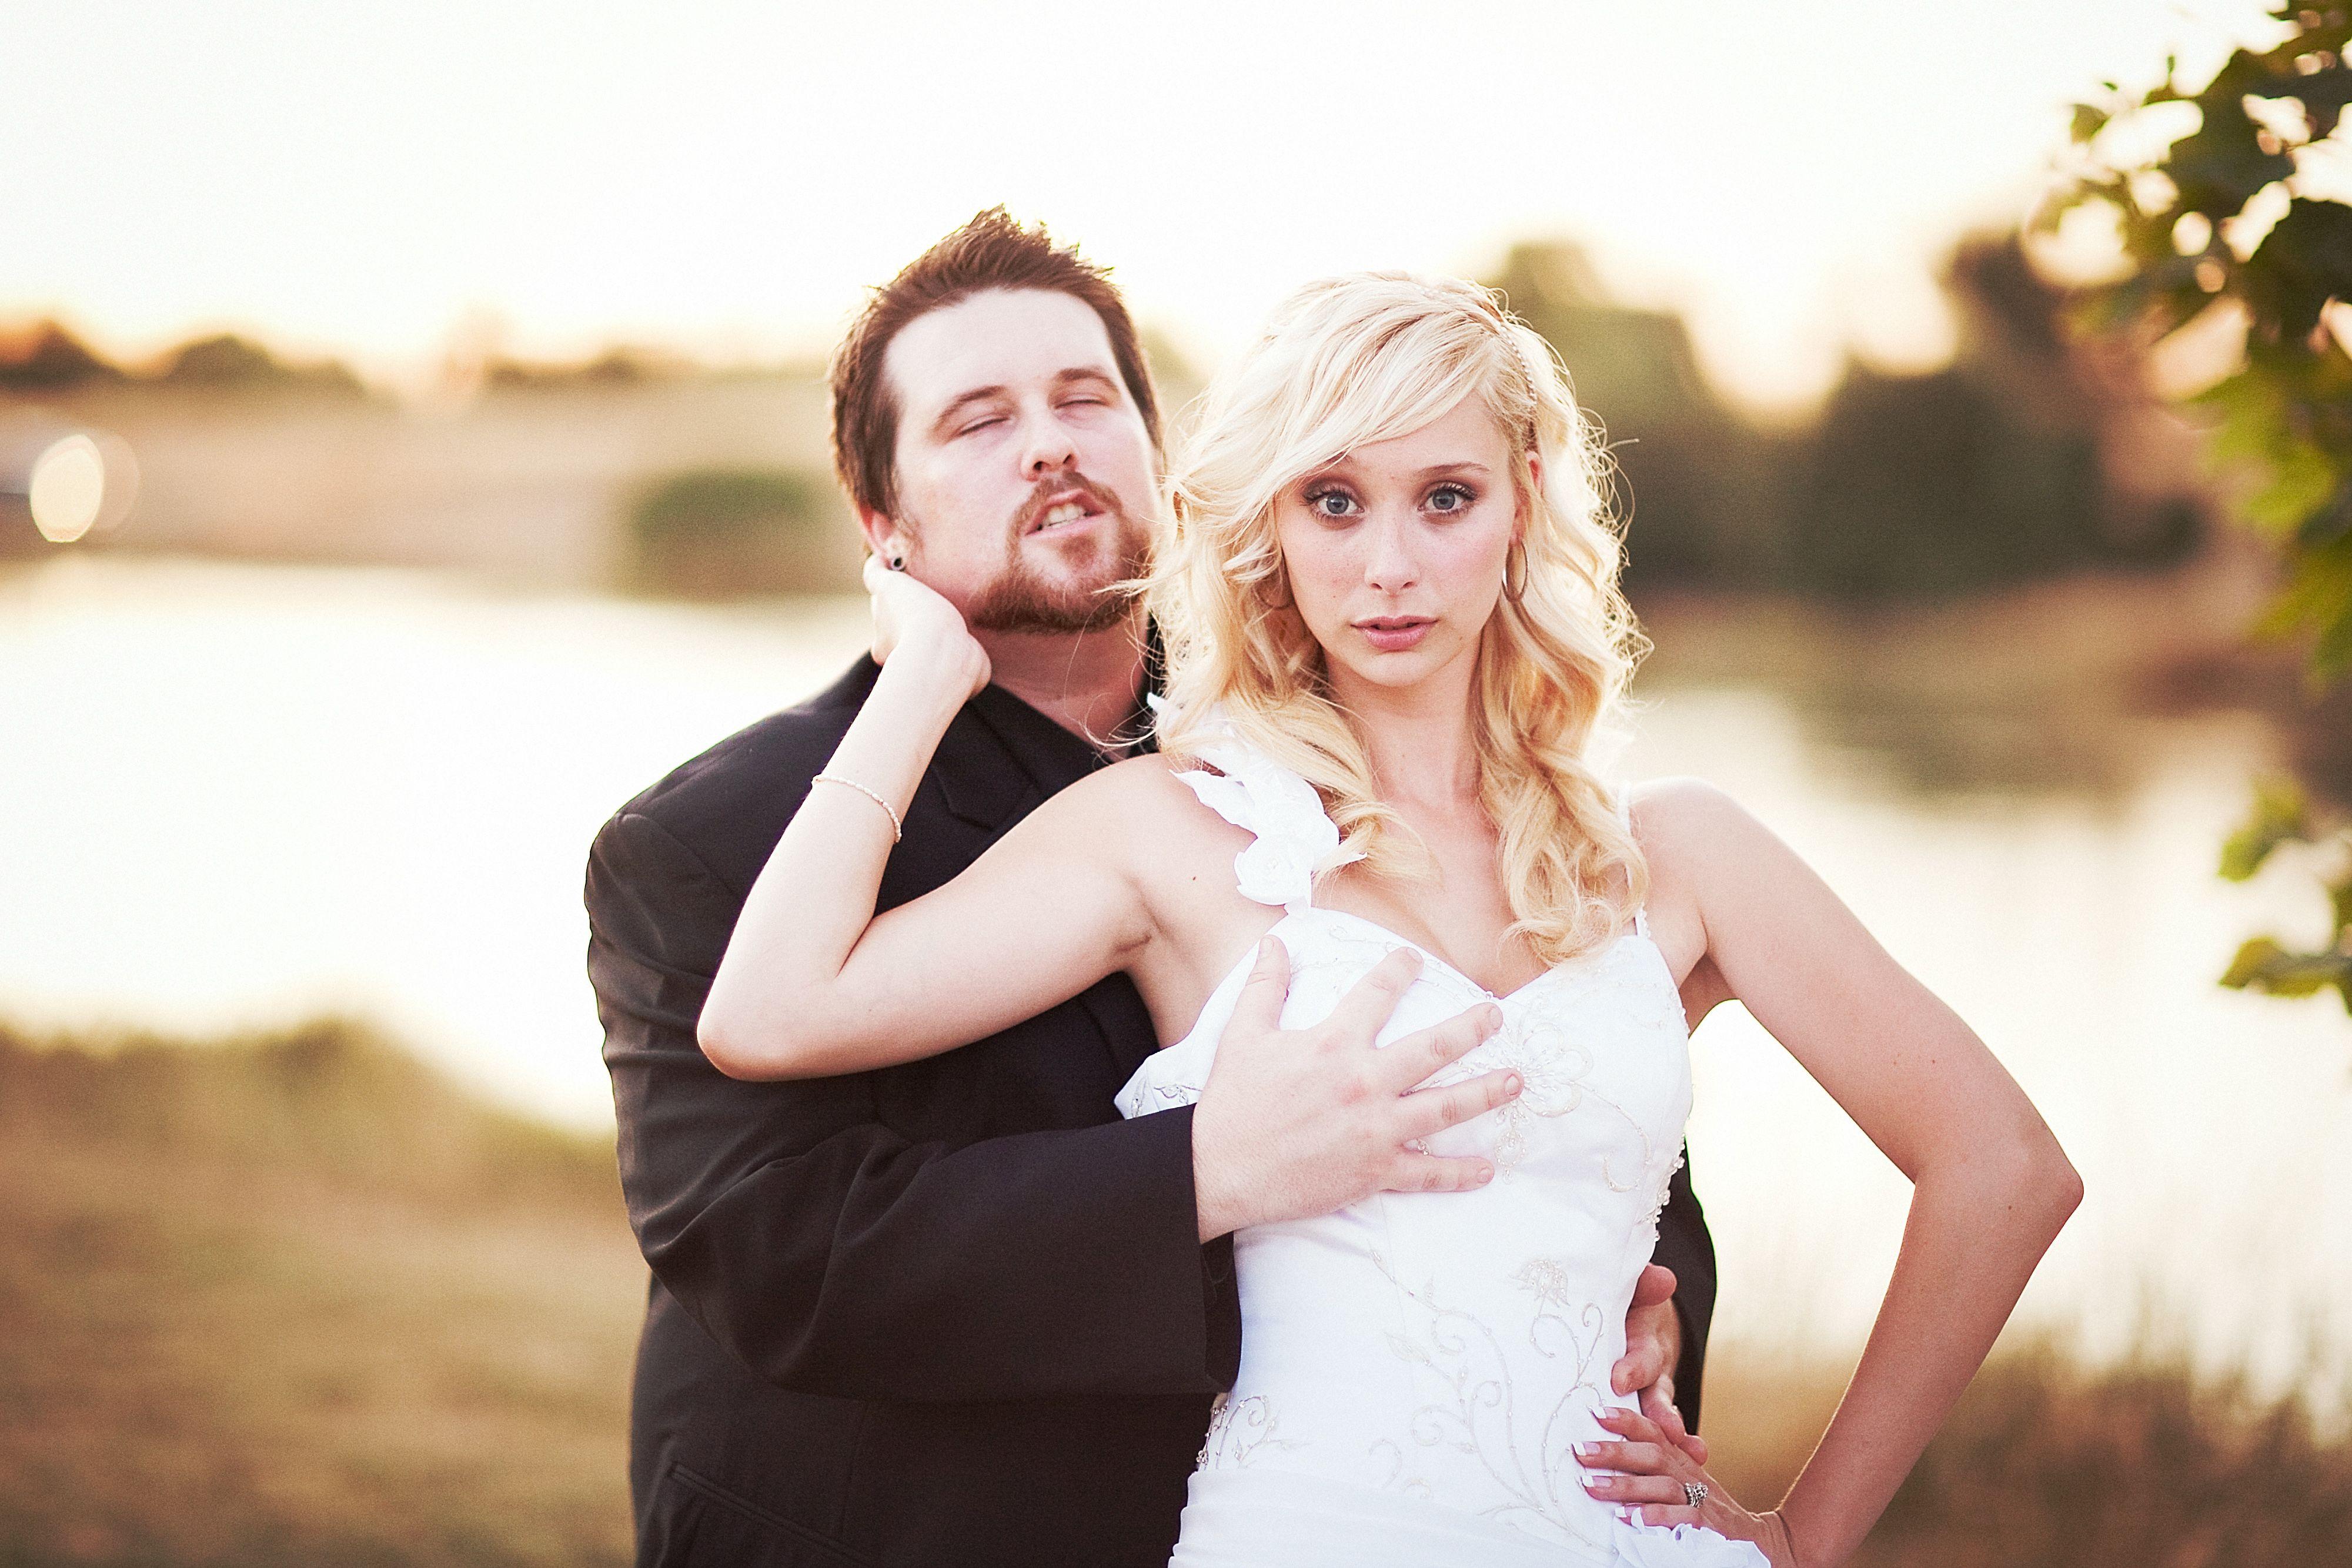 Hilarious Wedding Pose Photo By Heather Elizabeth